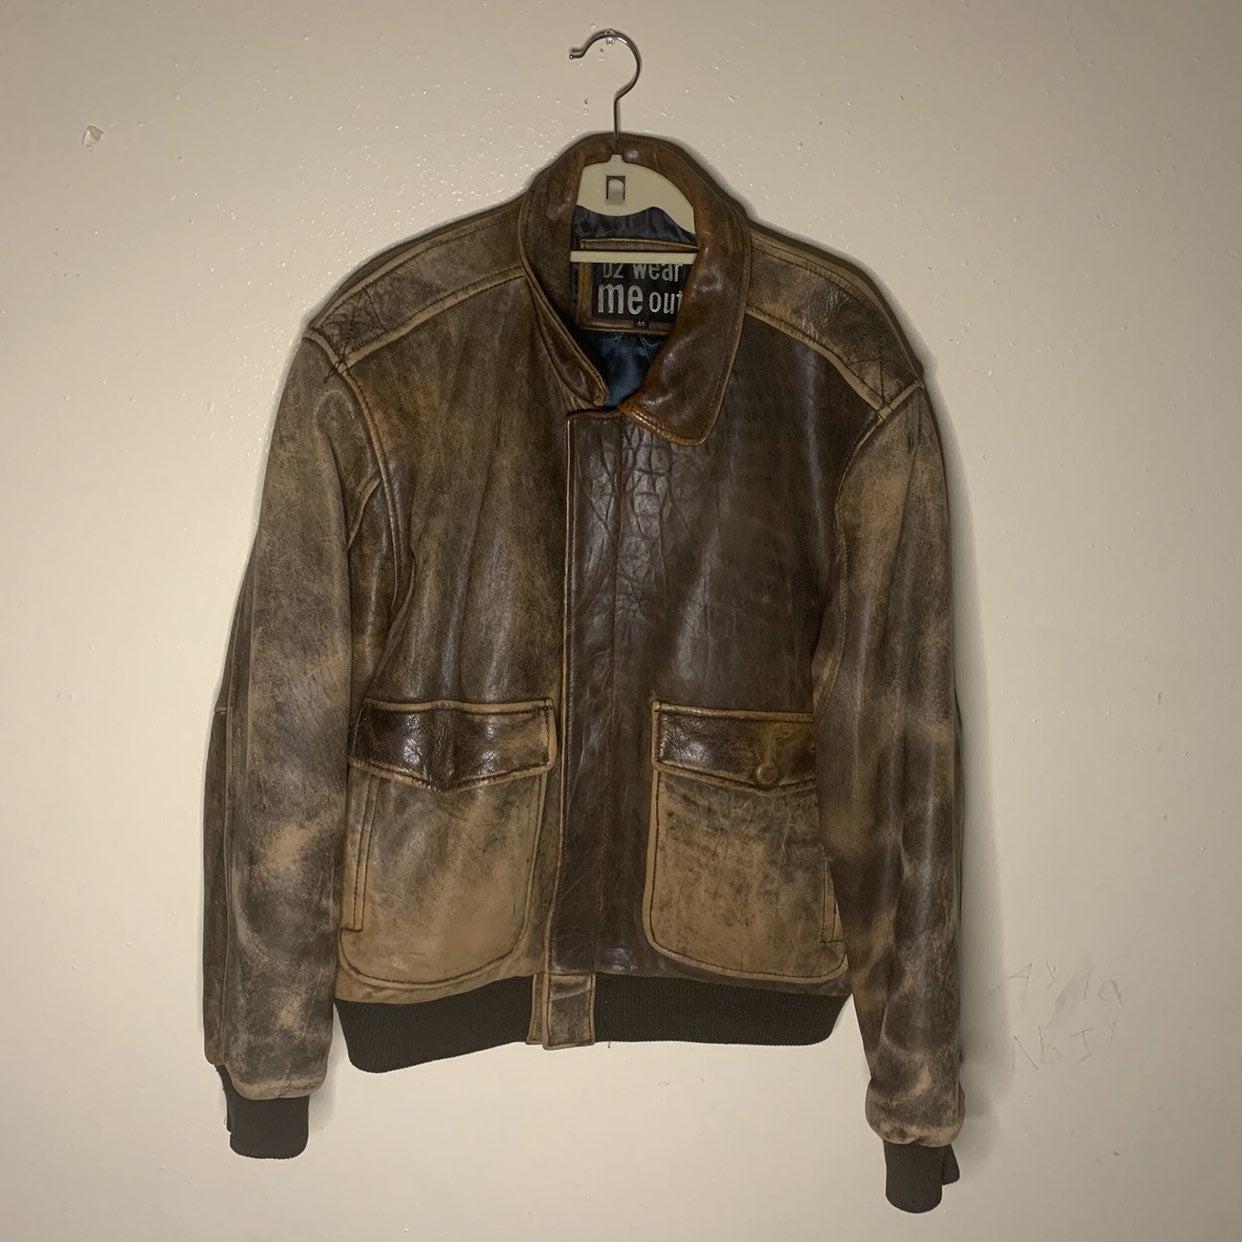 Mens U2 wear me out vintage lambskin lea